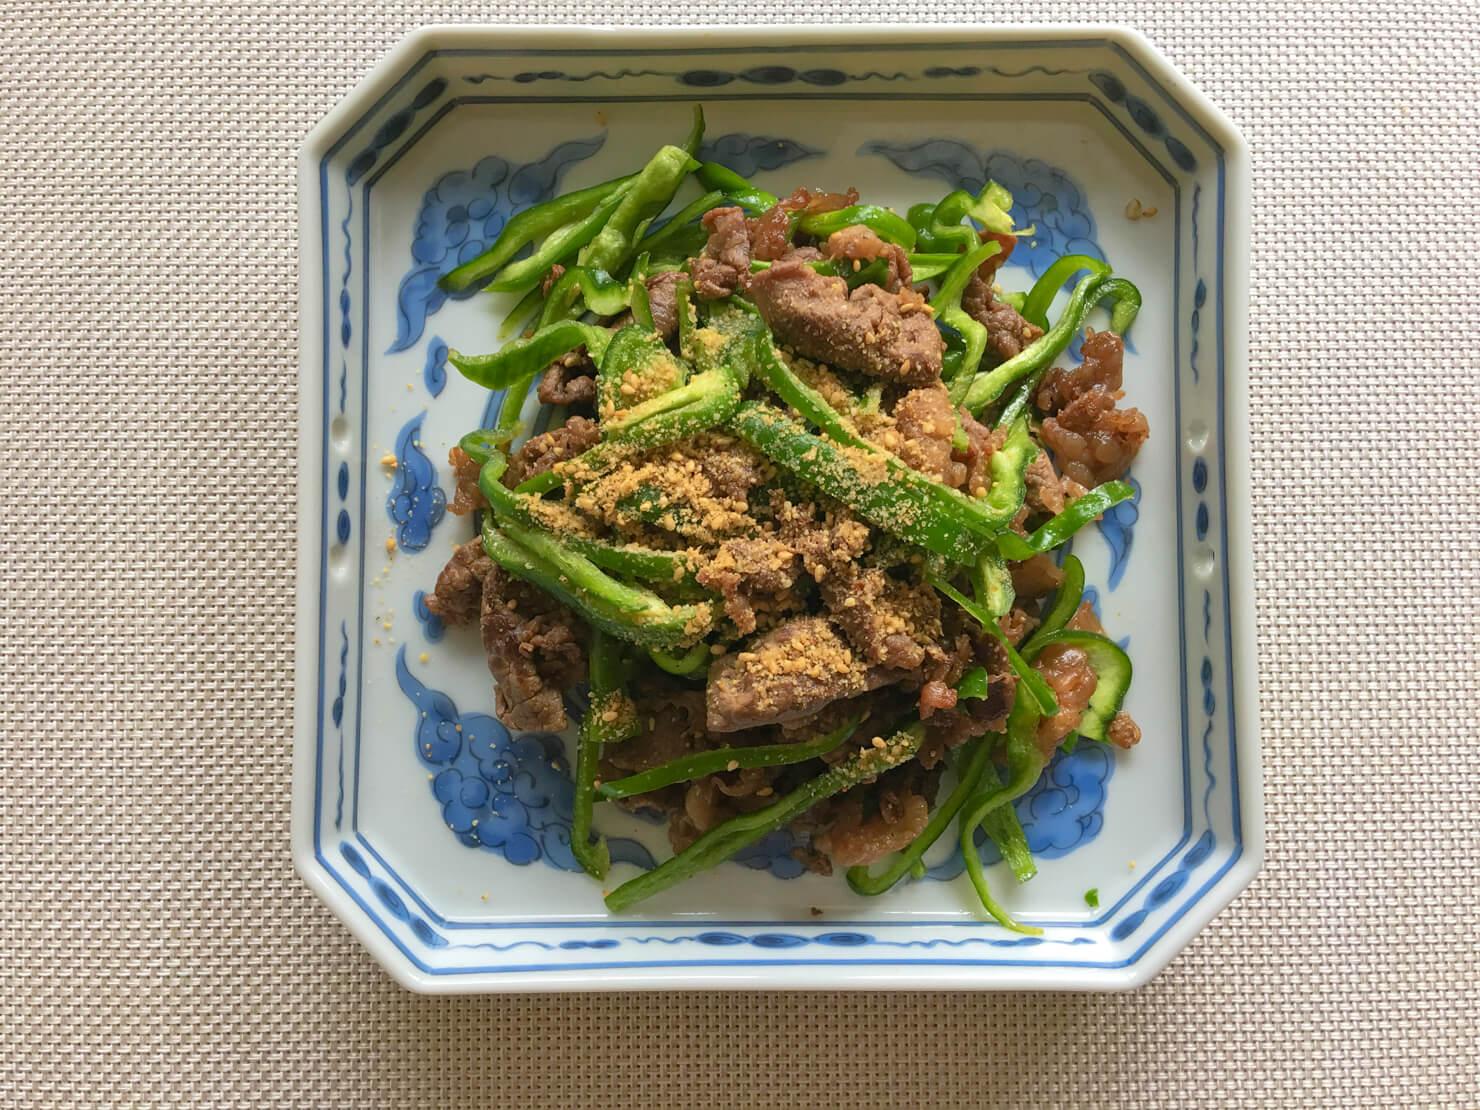 牛コマ肉の甘辛煮の生ピーマン和えの写真